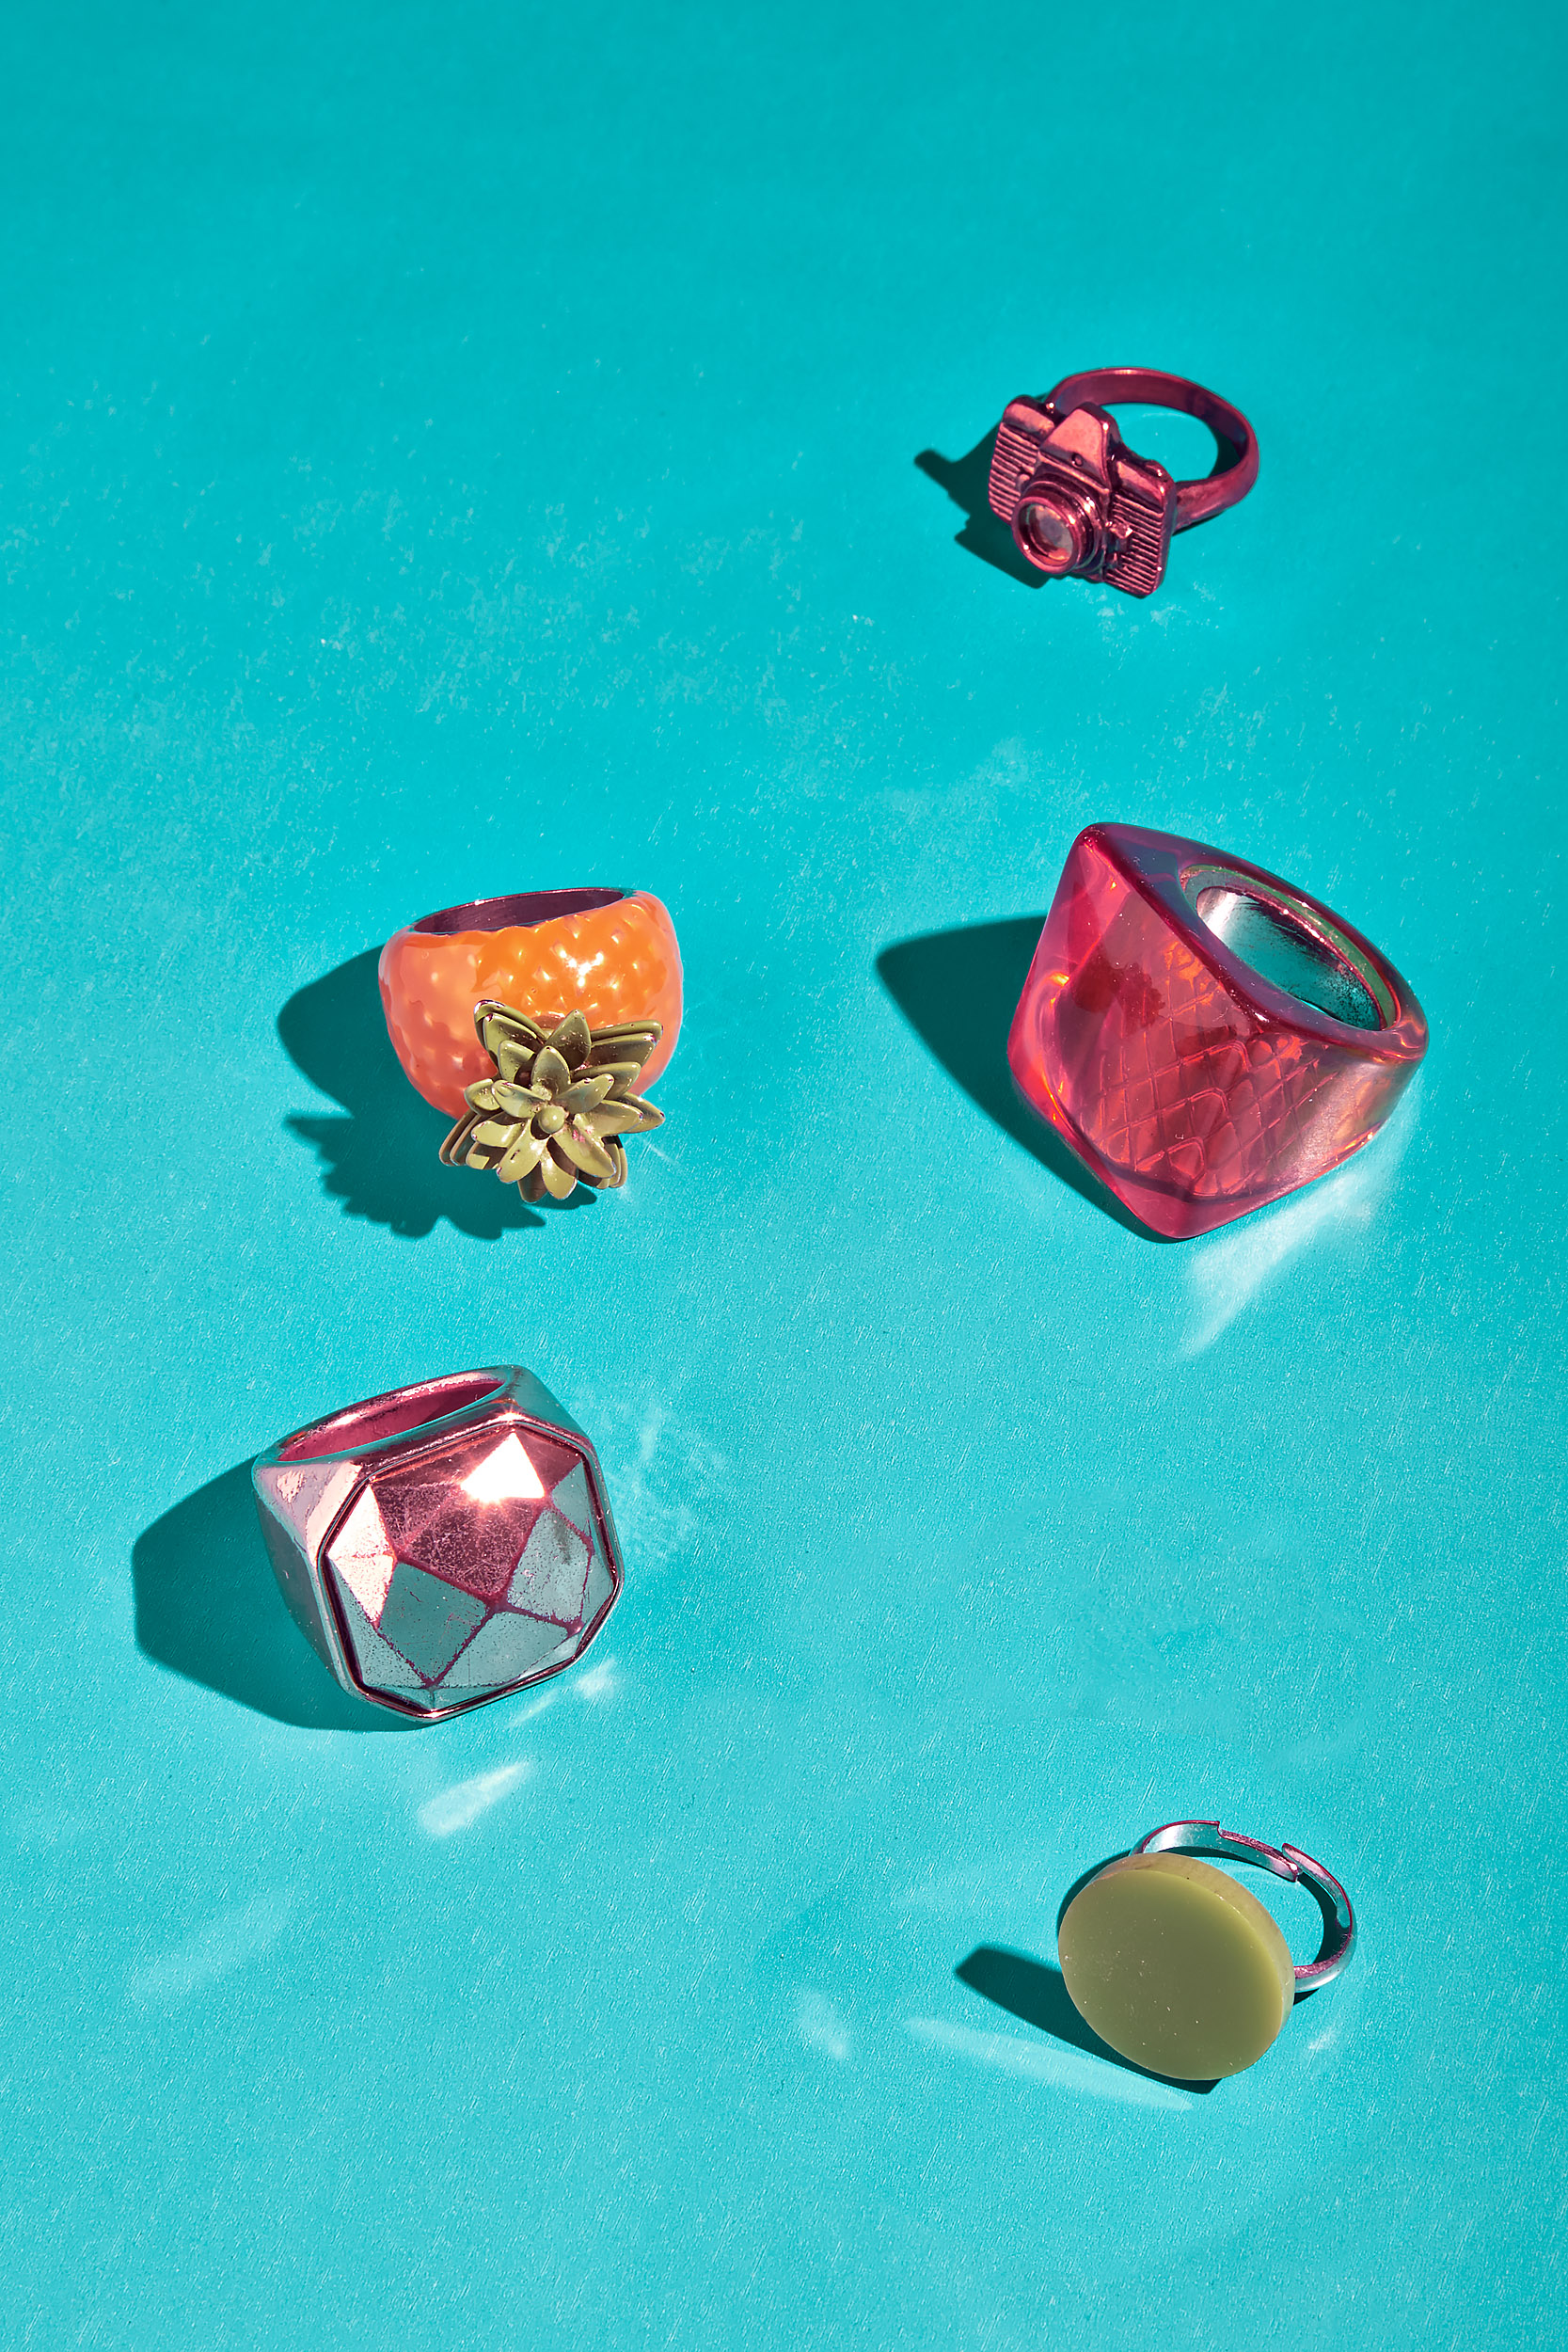 FINGERS   Sleek Magazine Berlin  Art Direction: Julian Baumann